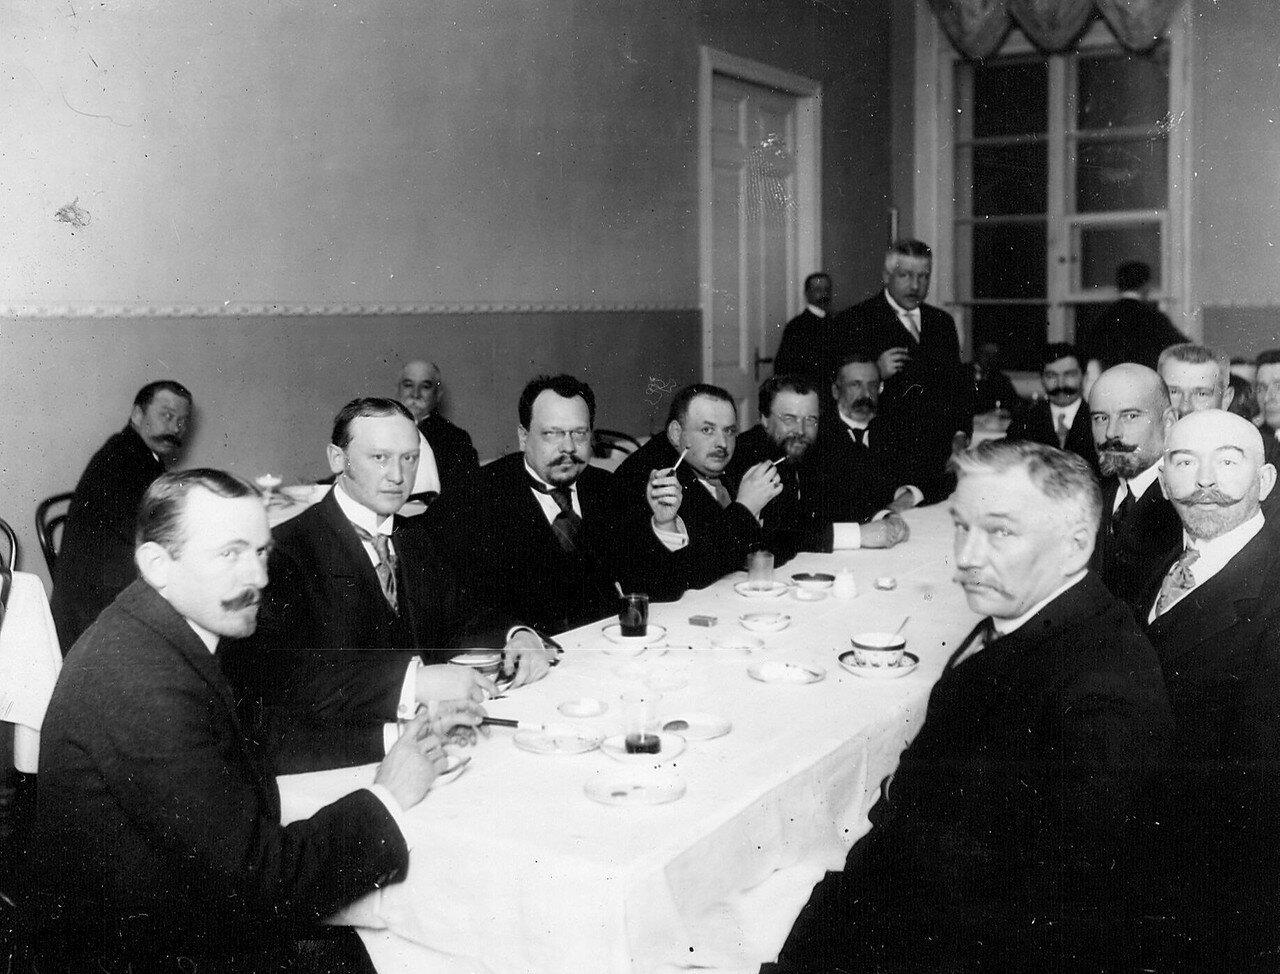 Группа членов избирательной комиссии по выборам депутатов в Четвертую Государственную думу за чаем. Октябрь 1912